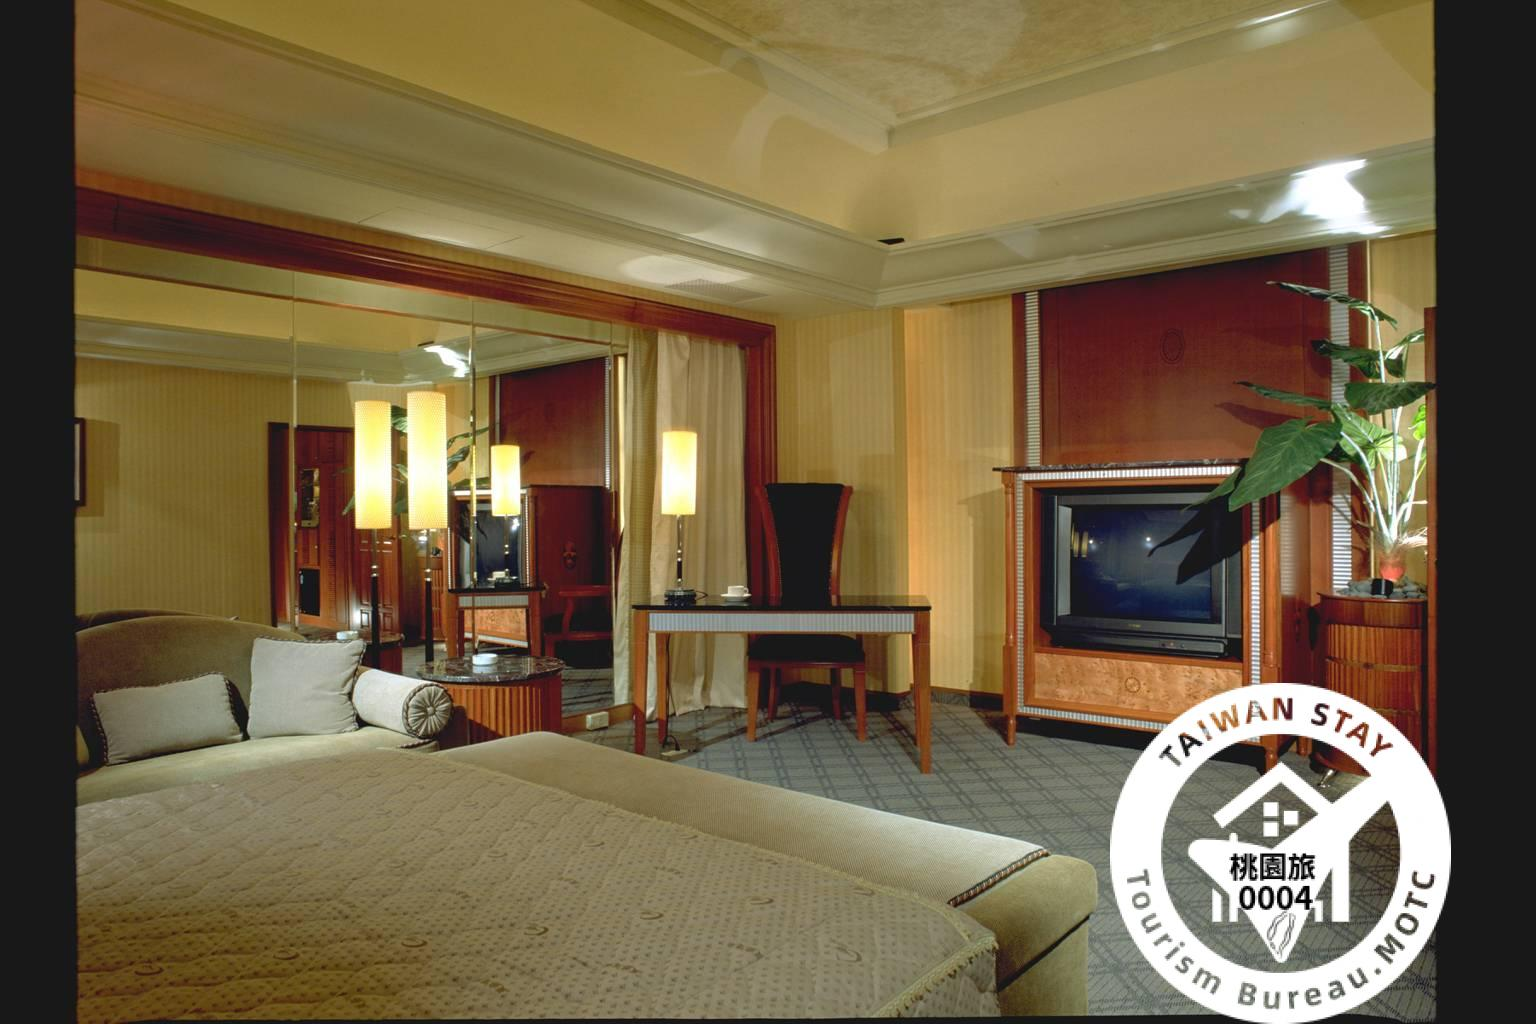 套房Suite - 黃金海岸、夏威夷海岸、加勒比海岸照片_1